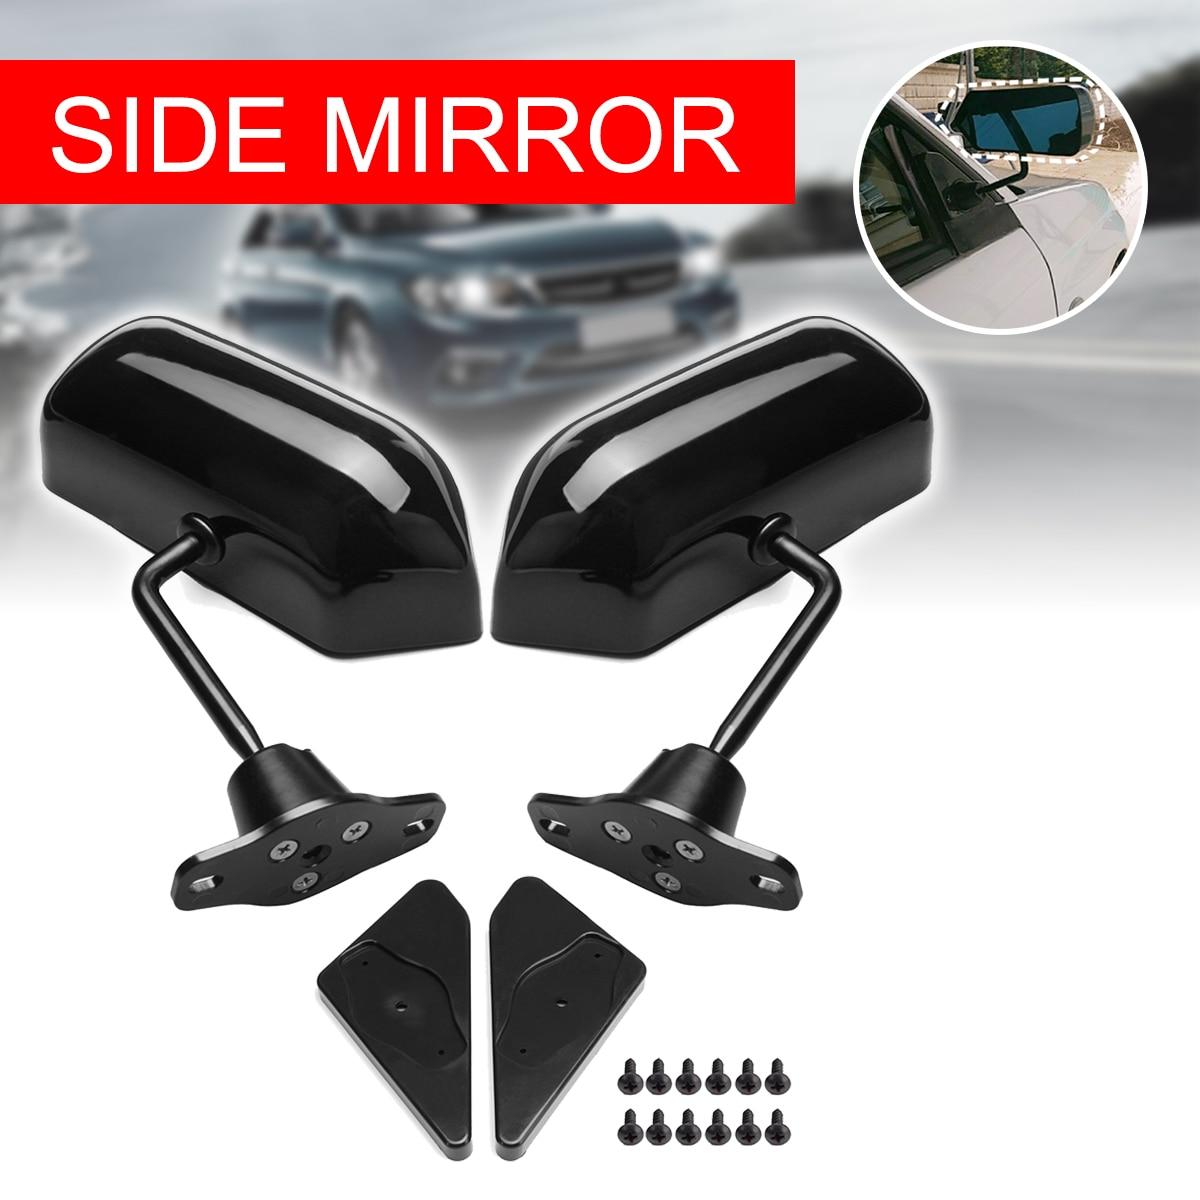 Rétroviseur latéral universel gauche/droite rétroviseur latéral en verre convexe noir pour moto rétroviseur arrière